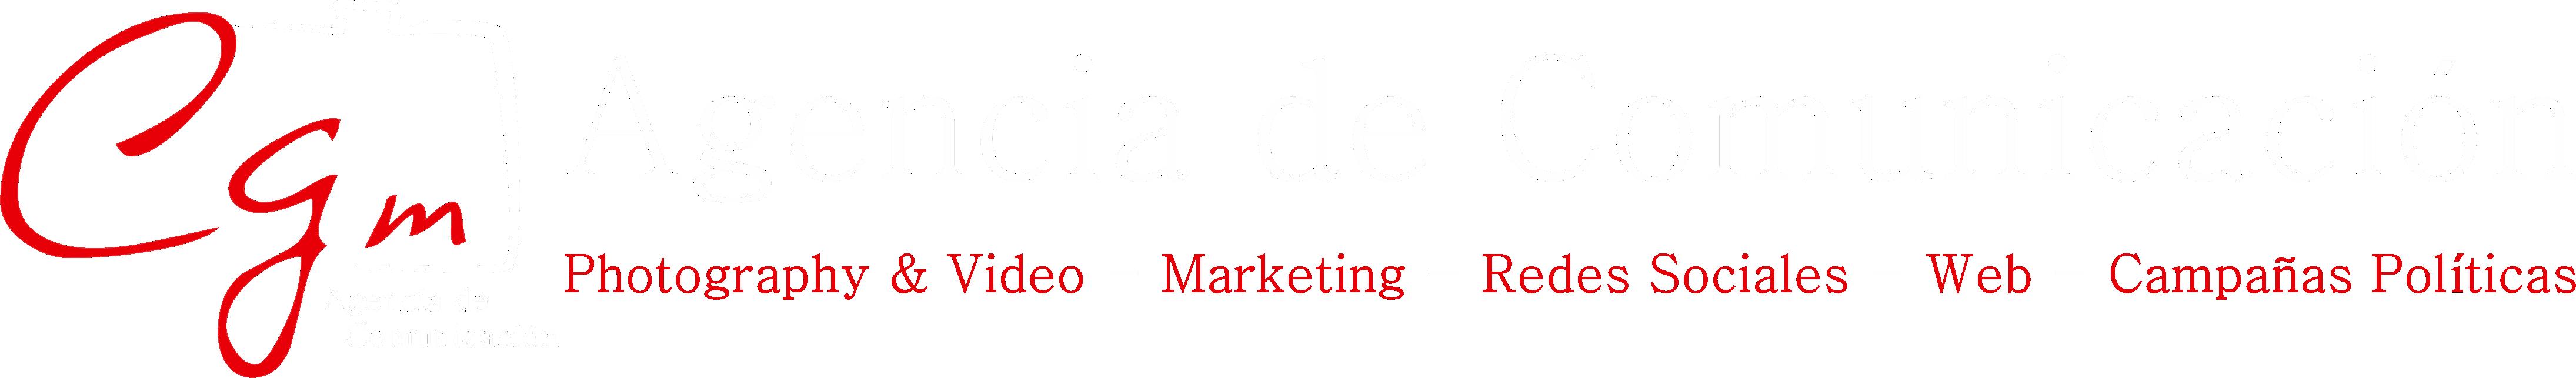 CGM Agencia de Comunicación e Imagen